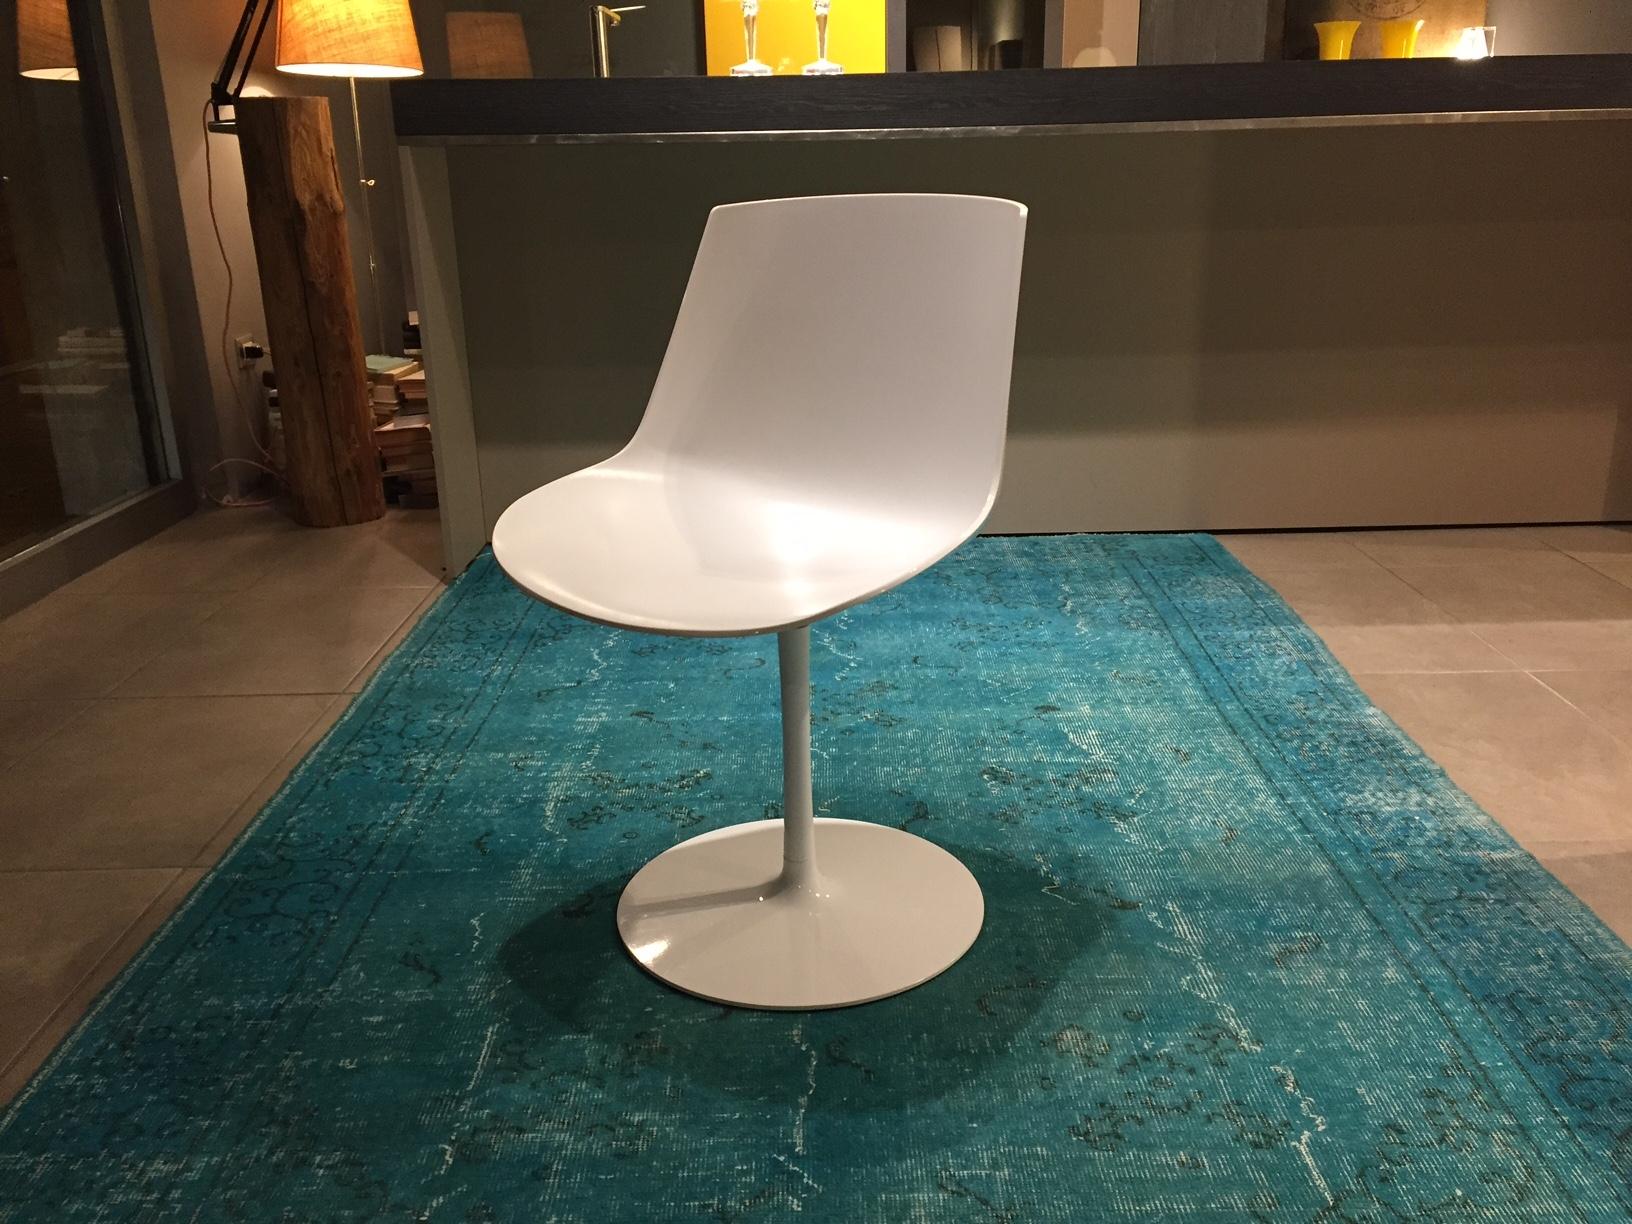 Sedie design girevole mdf italia sedie a prezzi scontati for Sedia design girevole